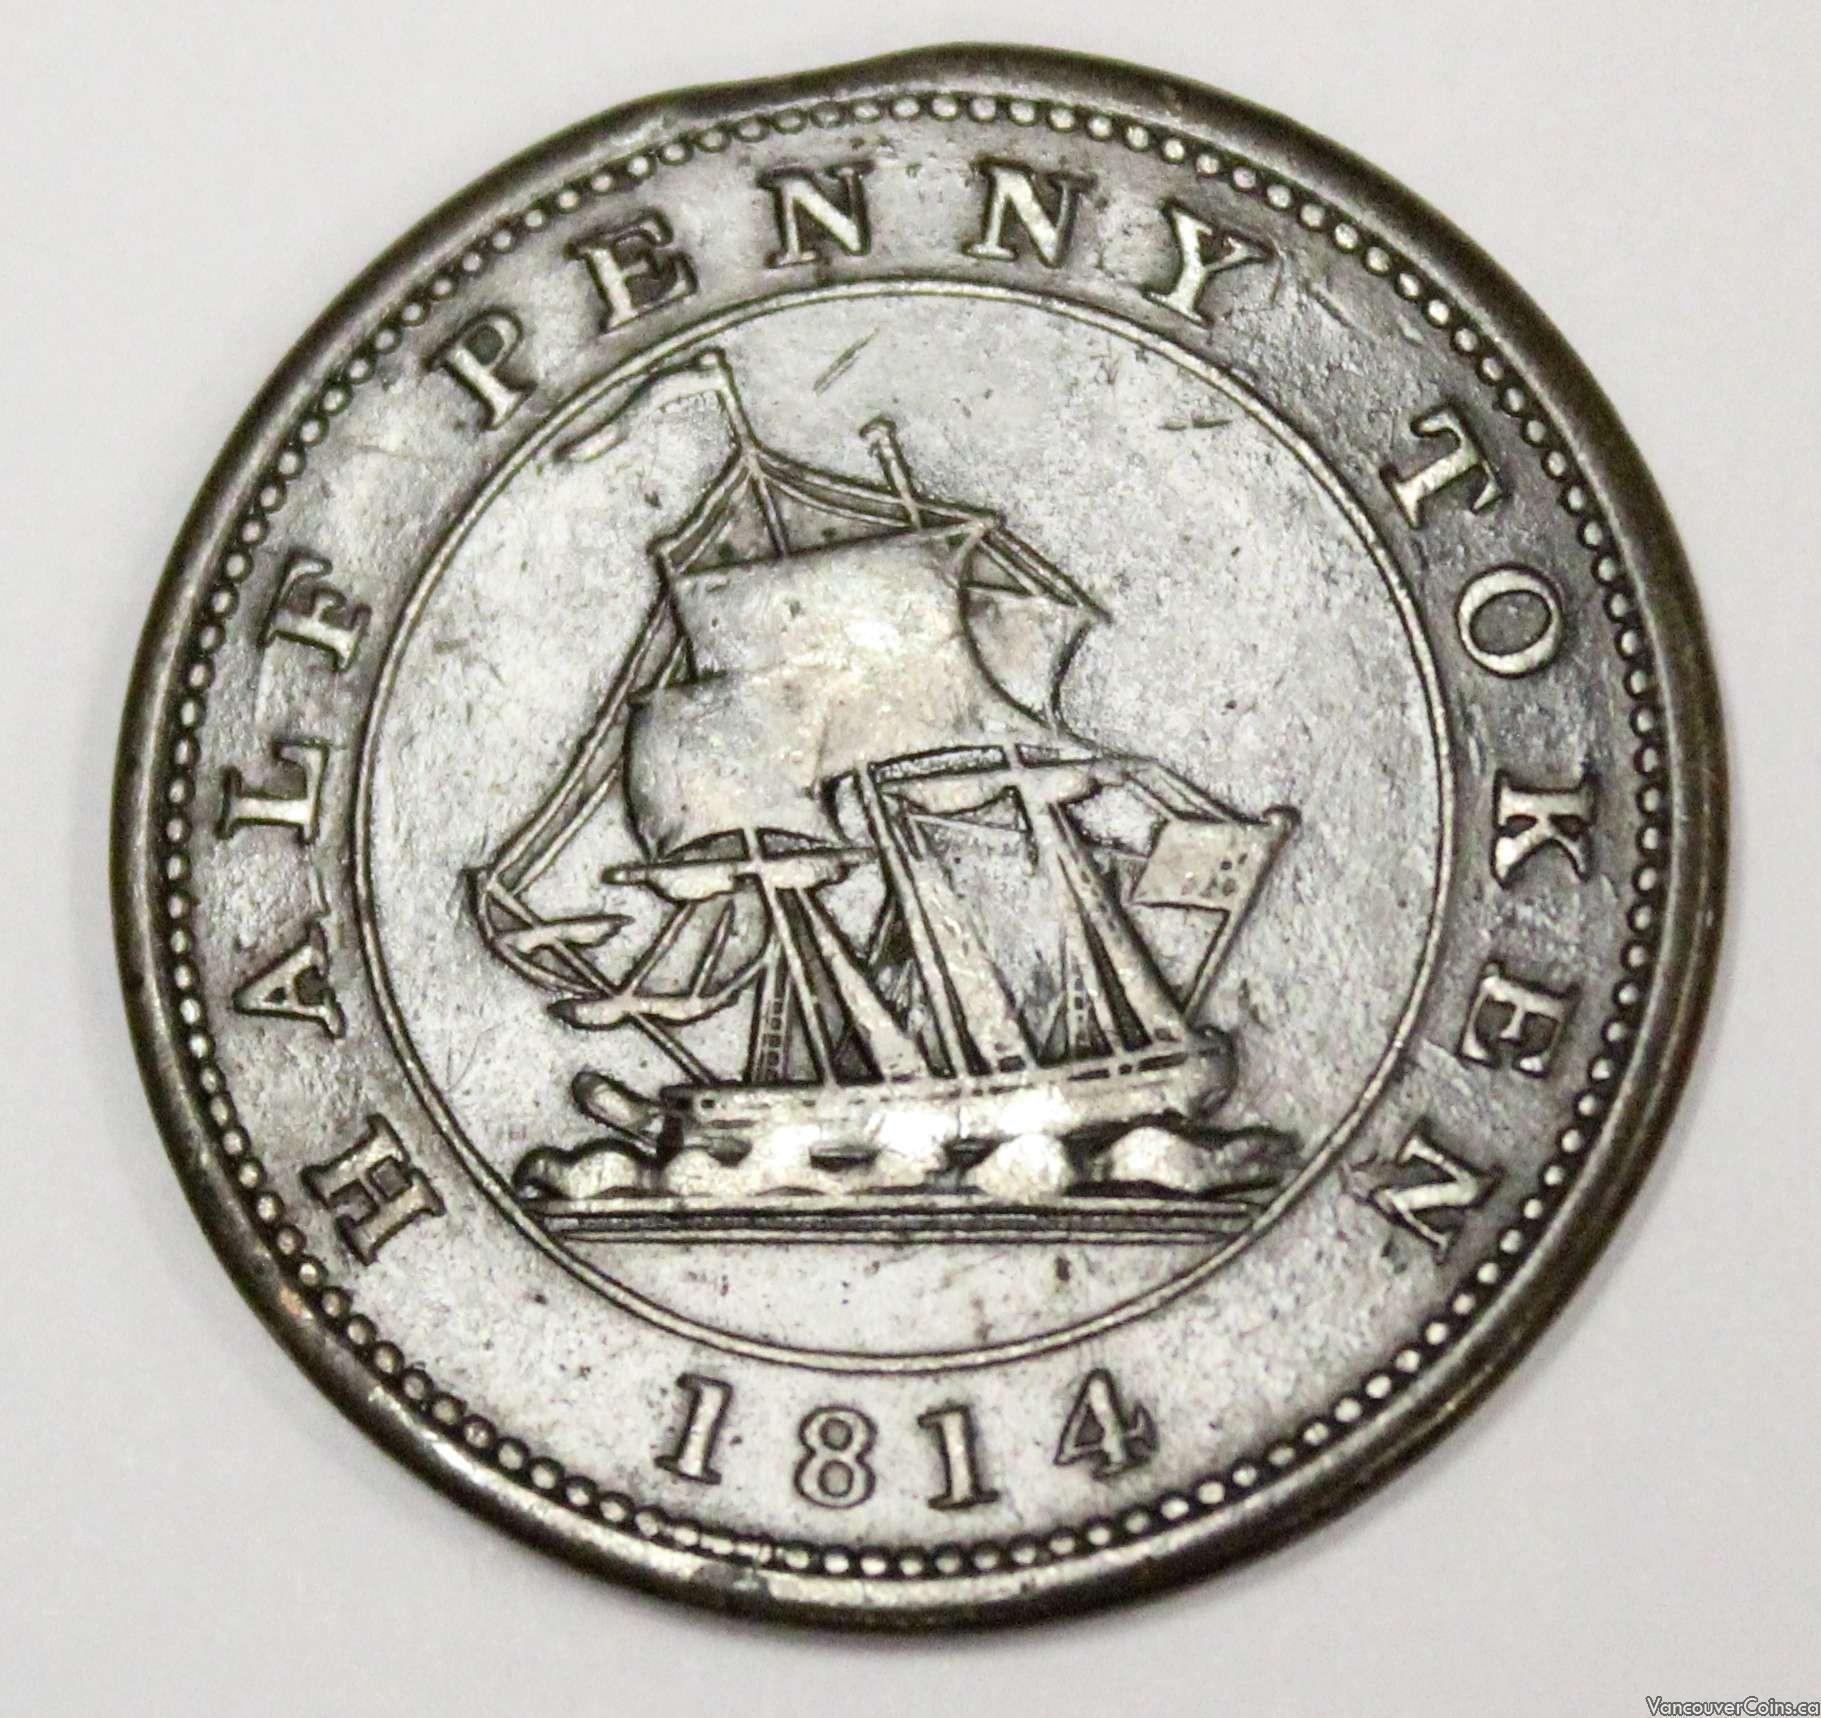 1973 ~ CANADA ~ 1 DOLLAR ~ PRINCE EDWARD ISLAND CENTENNIAL ~ EF45 or better